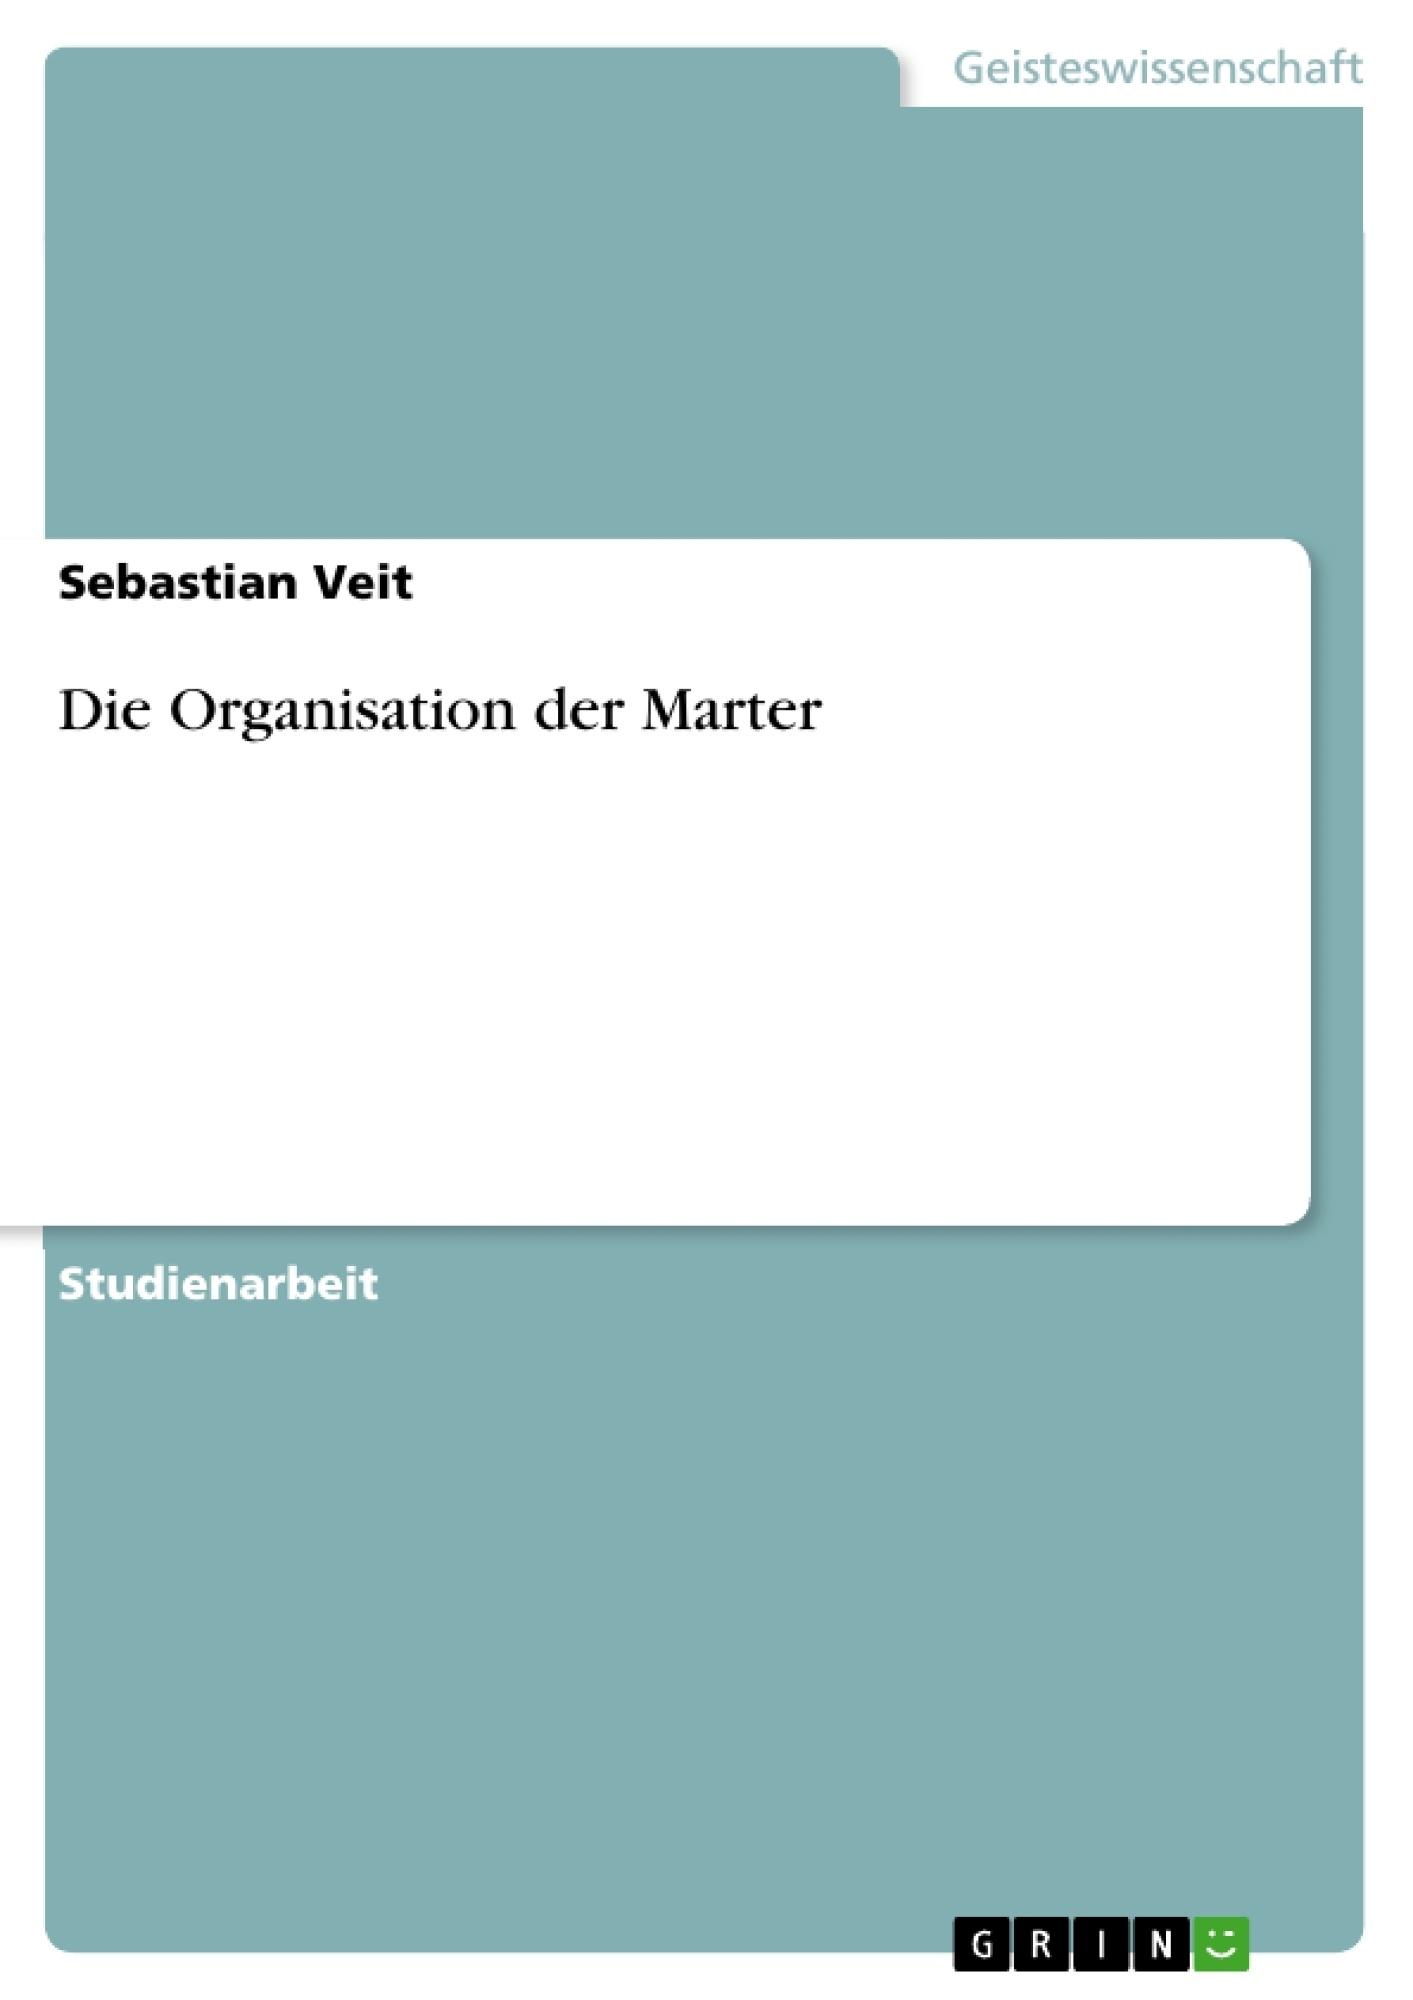 Titel: Die Organisation der Marter